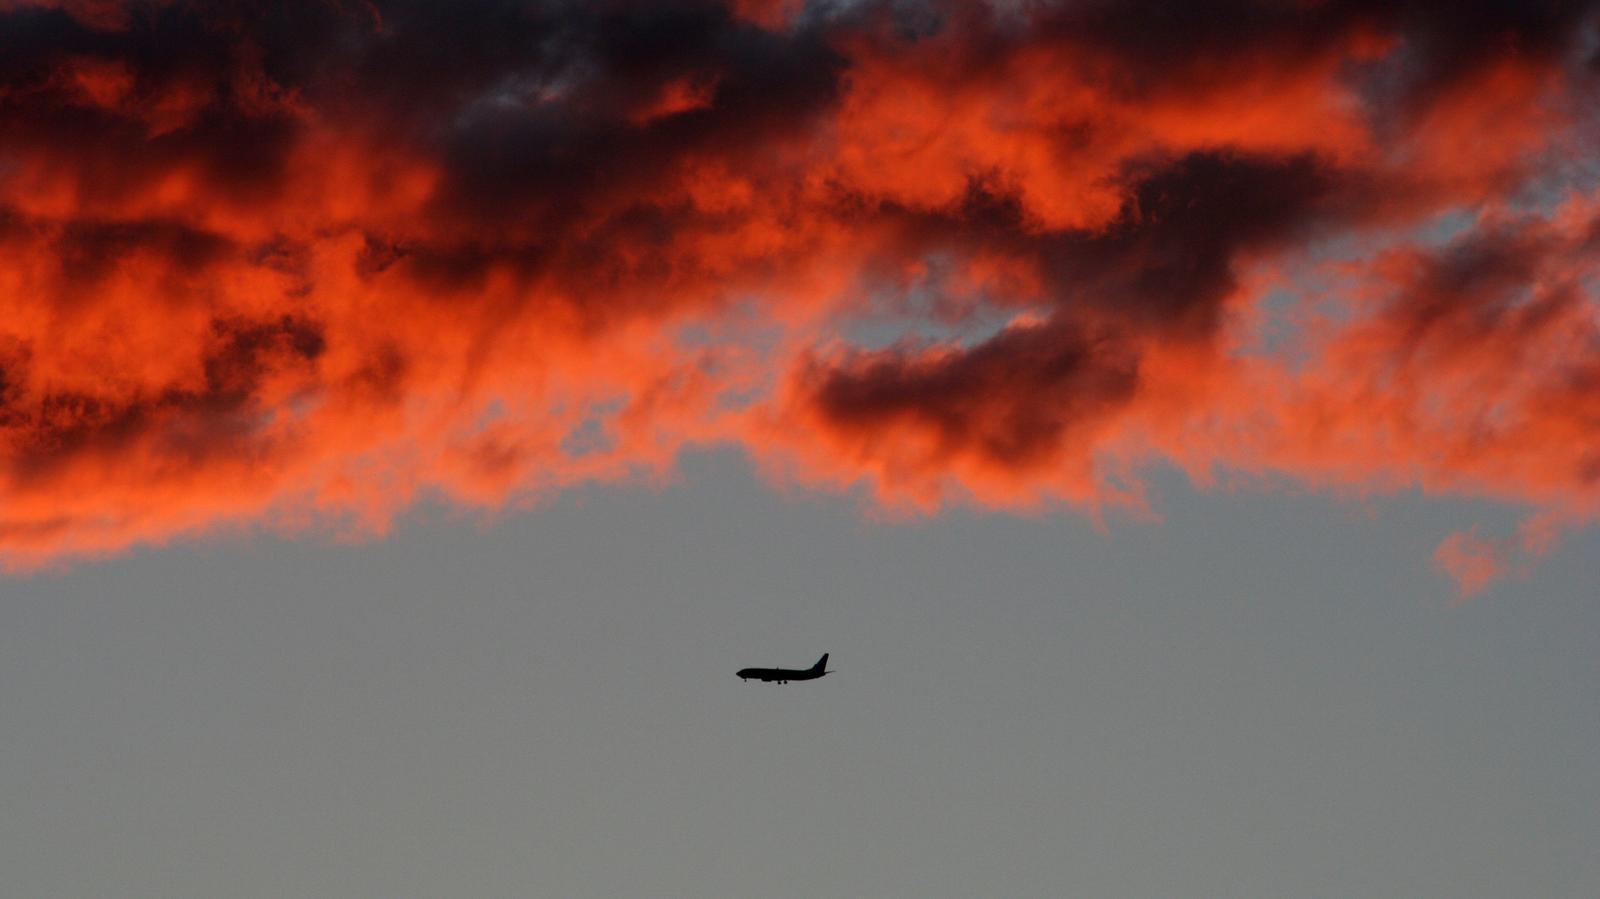 Из-за климатических изменений самолётам стало сложнее взлетать - 2